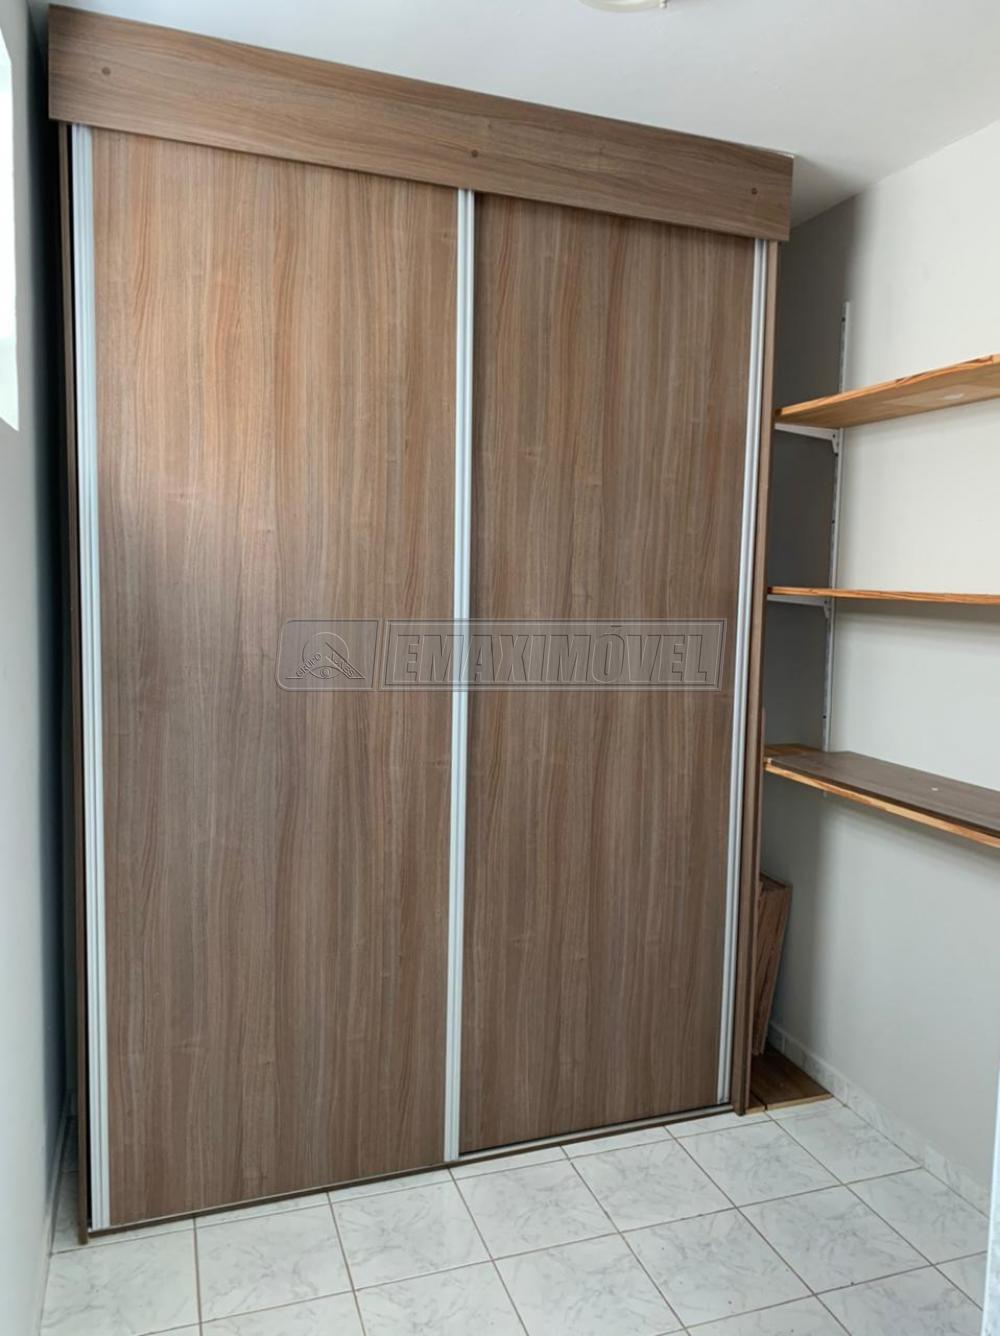 Comprar Apartamento / Padrão em Sorocaba R$ 420.000,00 - Foto 10